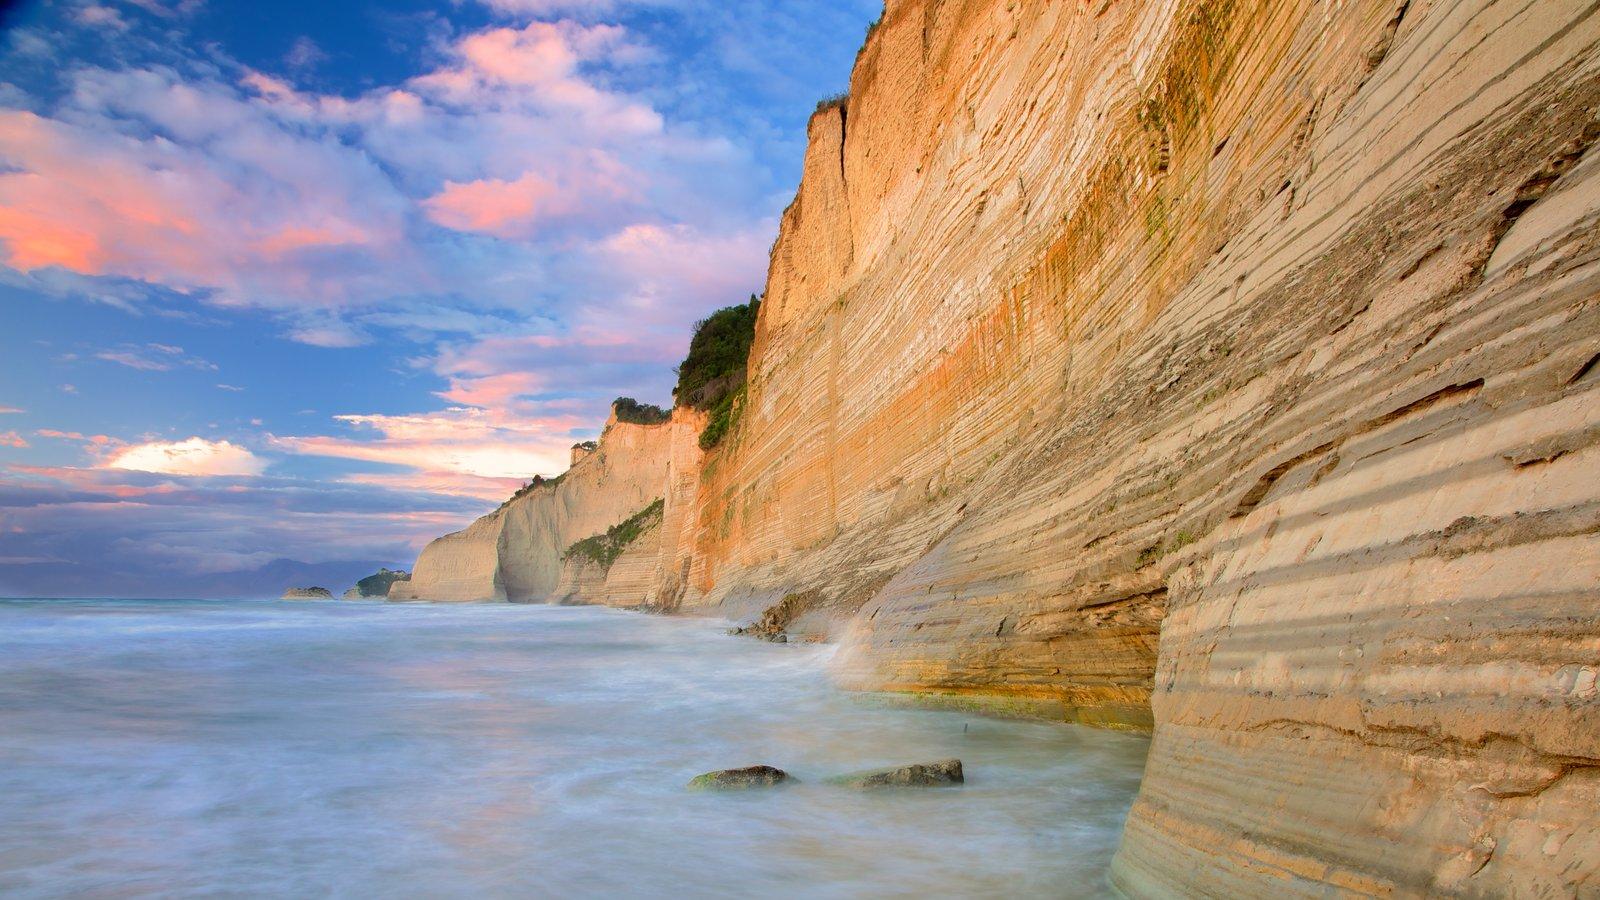 Sunset Beach que incluye una puesta de sol y costa rocosa